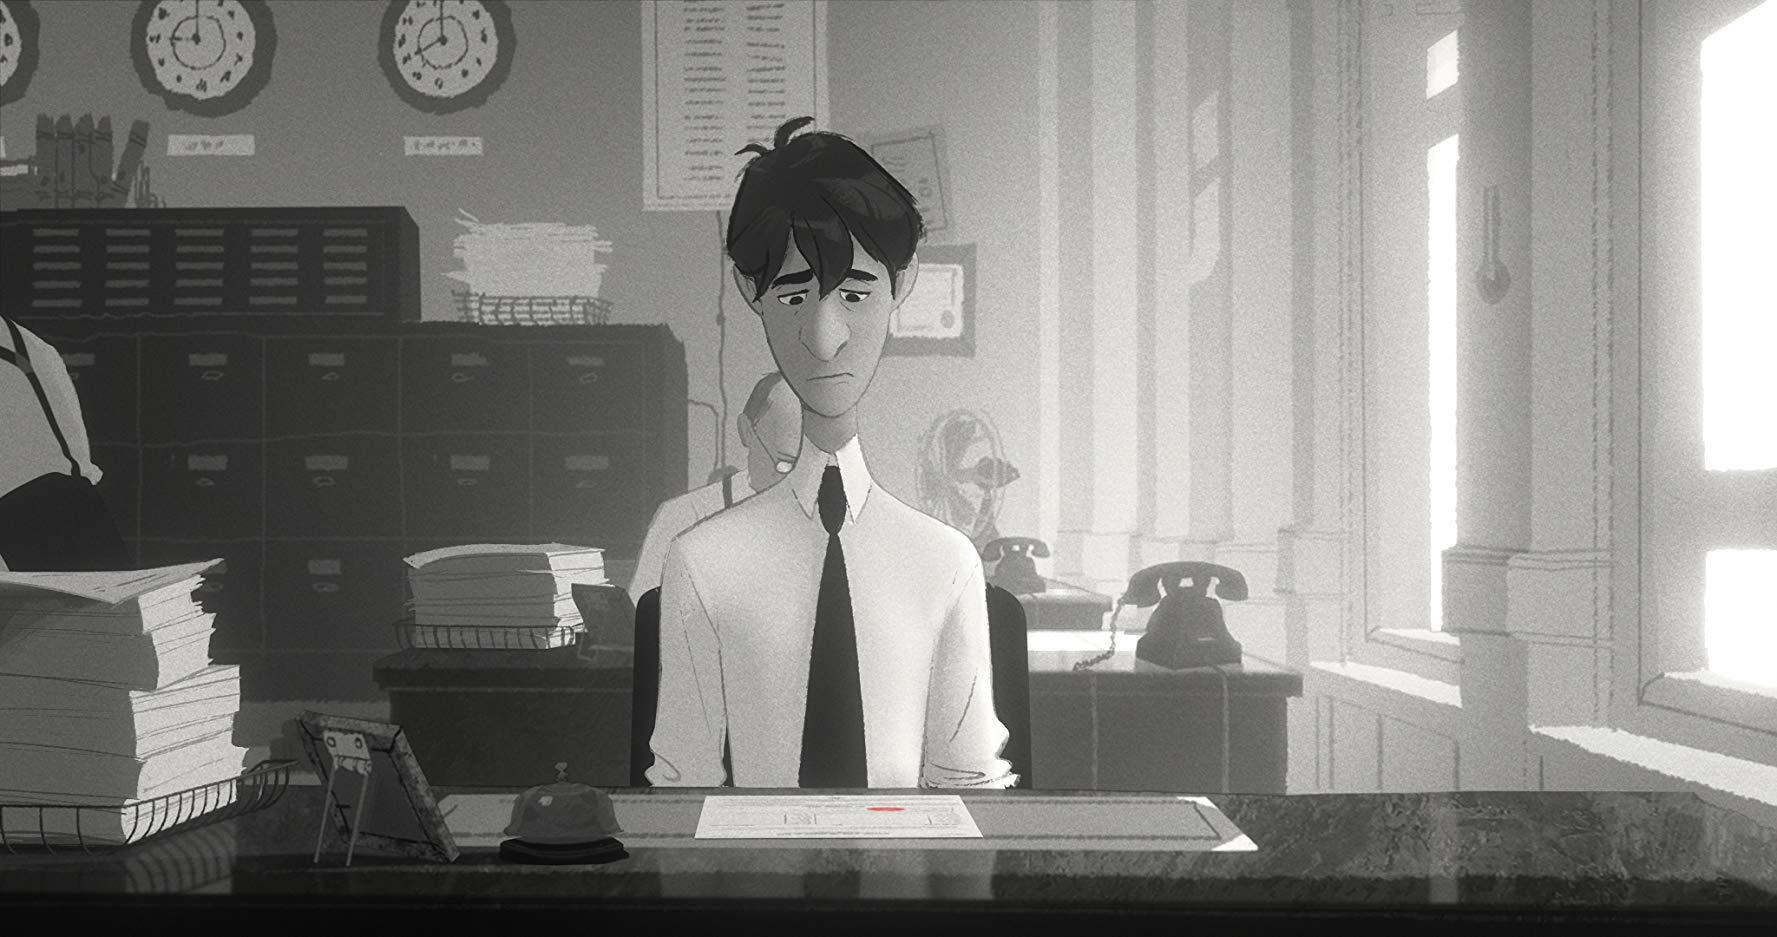 مشاهدة فيلم Paperman 2012 HD مترجم كامل اون لاين